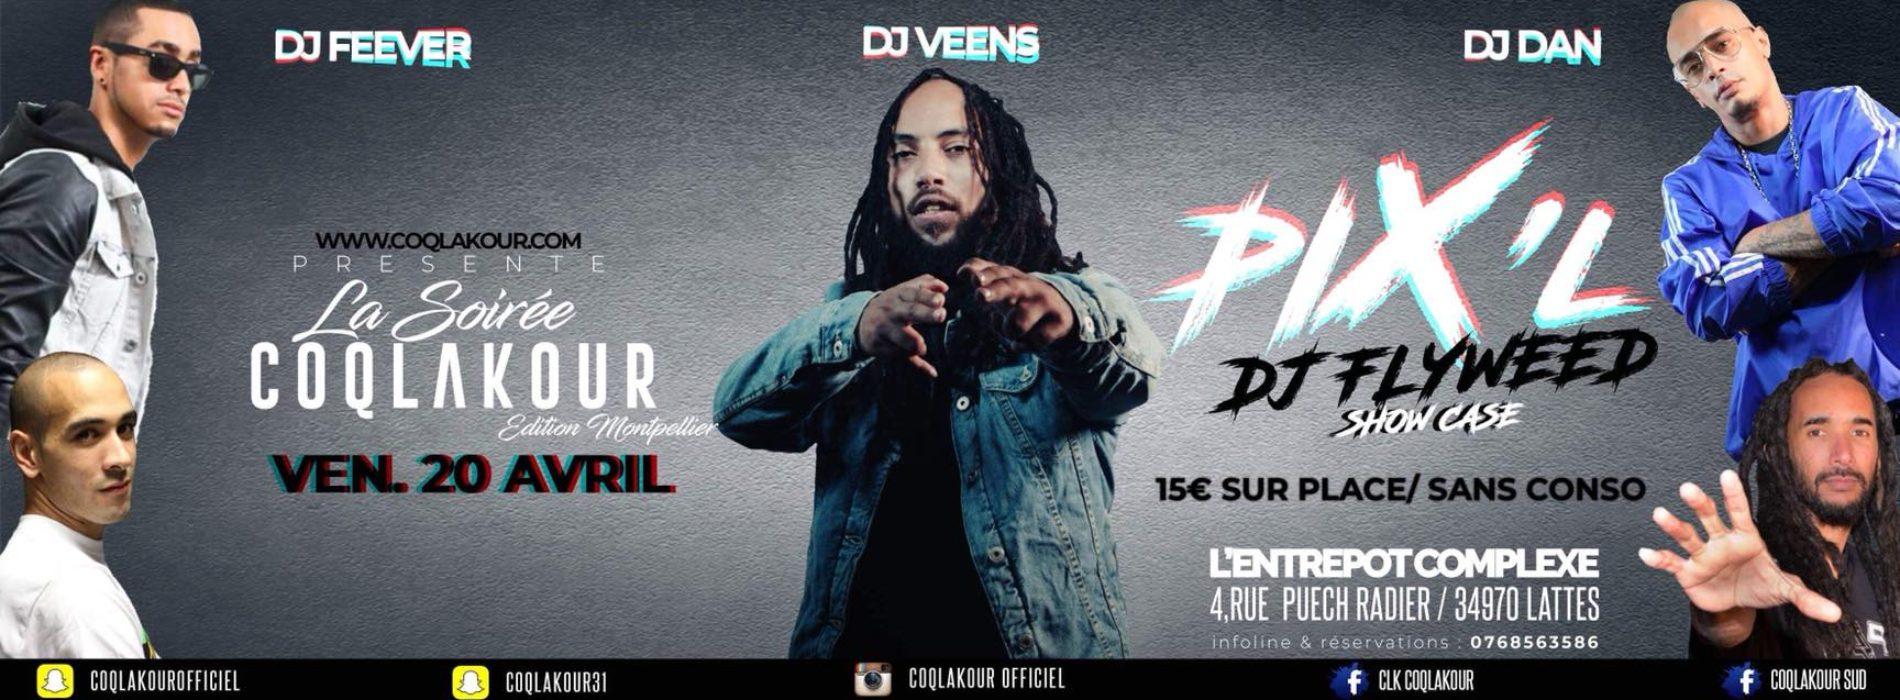 COQLAKOUR te donne rendez-vous le 20 Avril à MONTPELLIER à L'ENTREPOT COMPLEXE et le 21 Avril à PARIS au REDLIGHT – Avec PIX-L & DJ FLYWEED / DJ DAN & DJ JAIRO – 2018